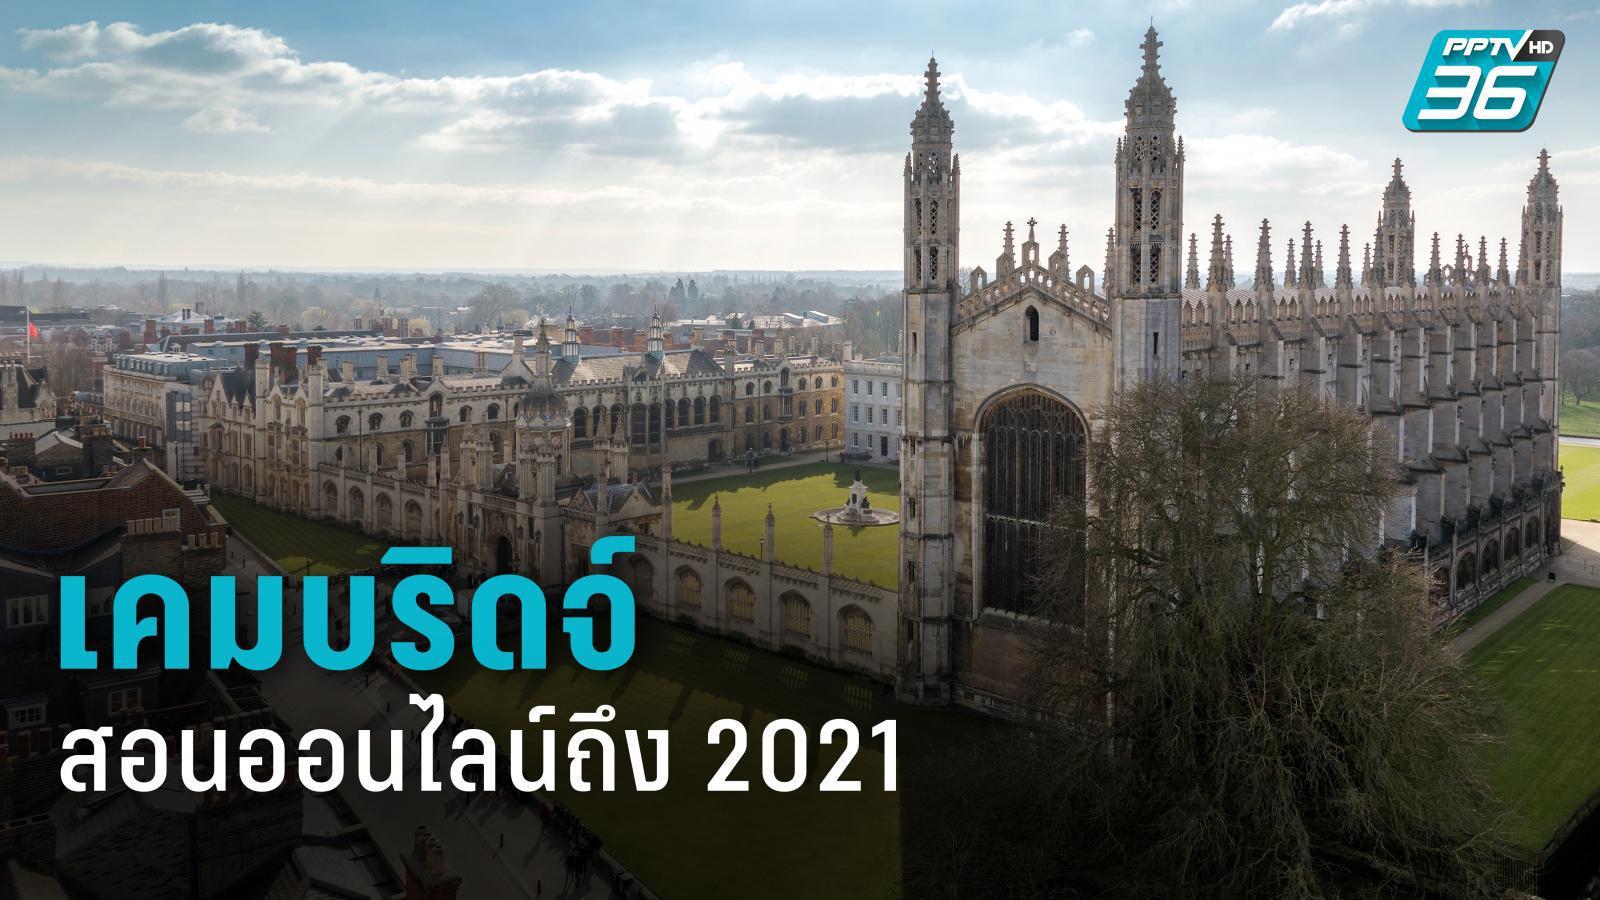 การเรียนในมหาวิทยาลัยเคมบริดจ์จะเป็นแบบออนไลน์จนถึงฤดูร้อนปี 2021